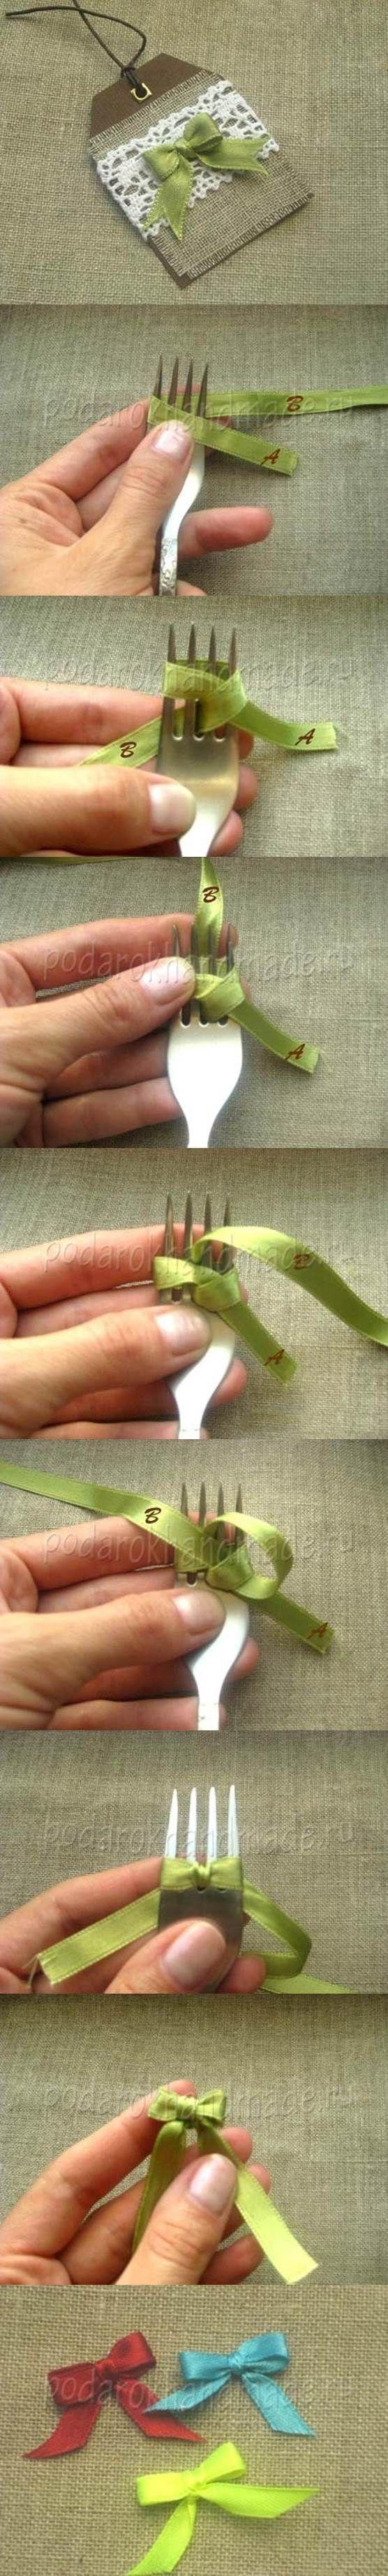 DIY satén arco de la cinta con un Tenedor | iCreativeIdeas.com igual que nosotros en Facebook ==> https://www.facebook.com/icreativeideas: